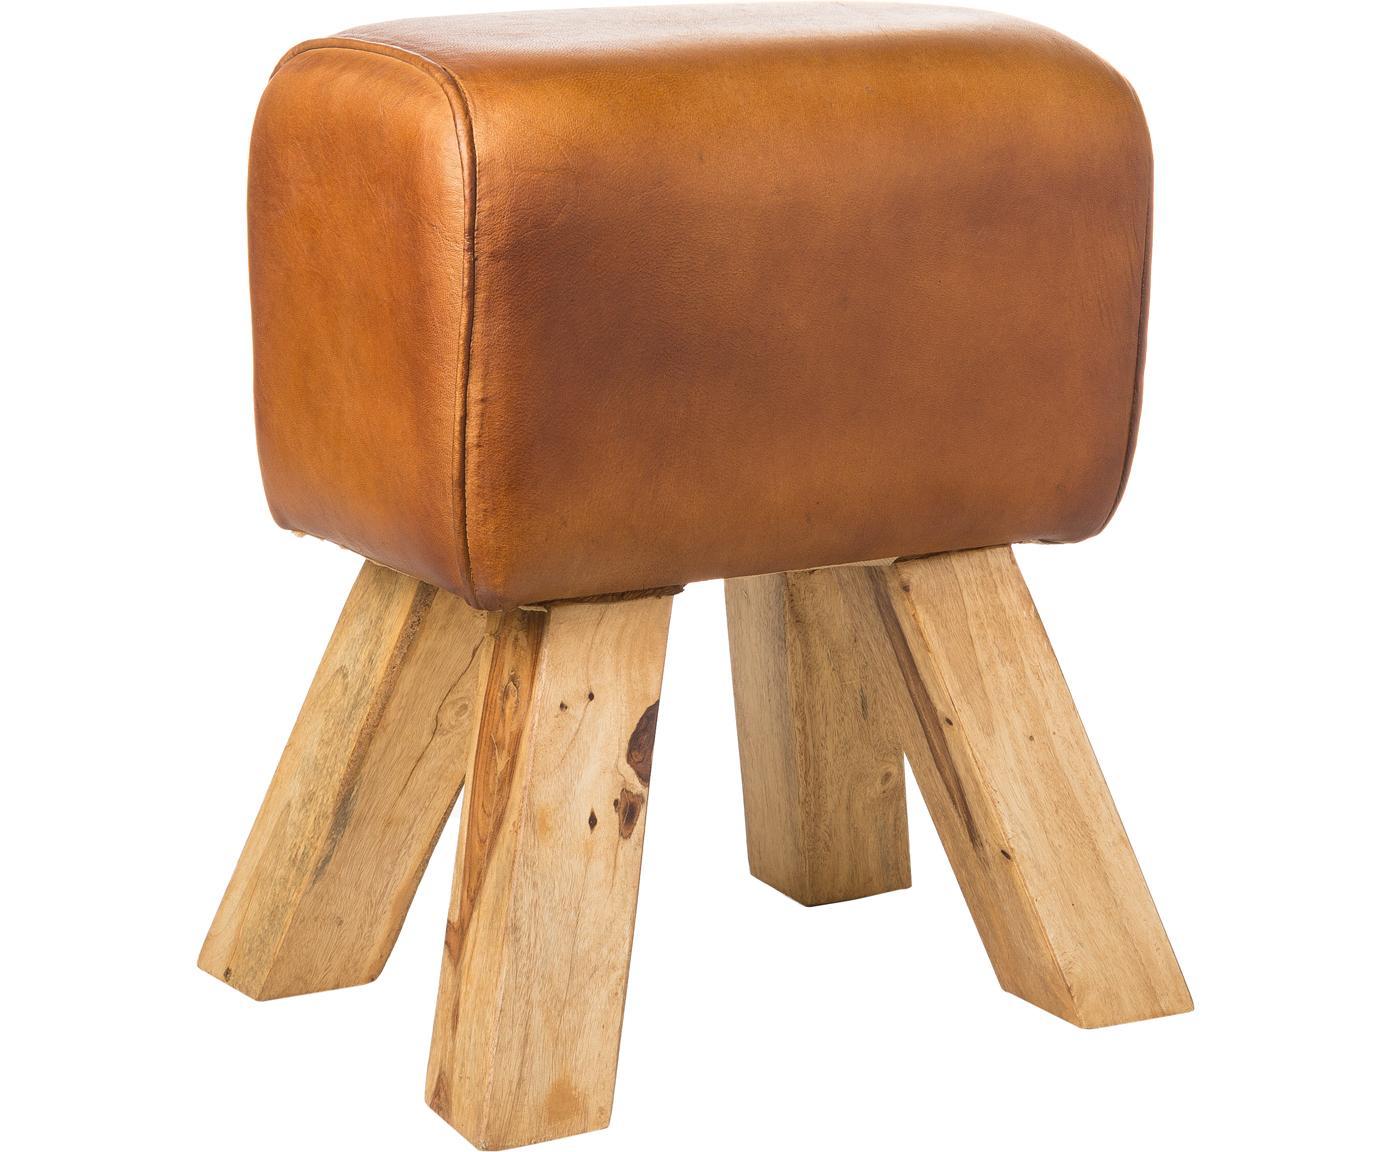 Sgabello in pelle vintage Tim, Gambe: legno di mango massiccio,, Rivestimento: pelle di capra vintage us, Marrone chiaro, Larg. 40 x Alt. 47 cm